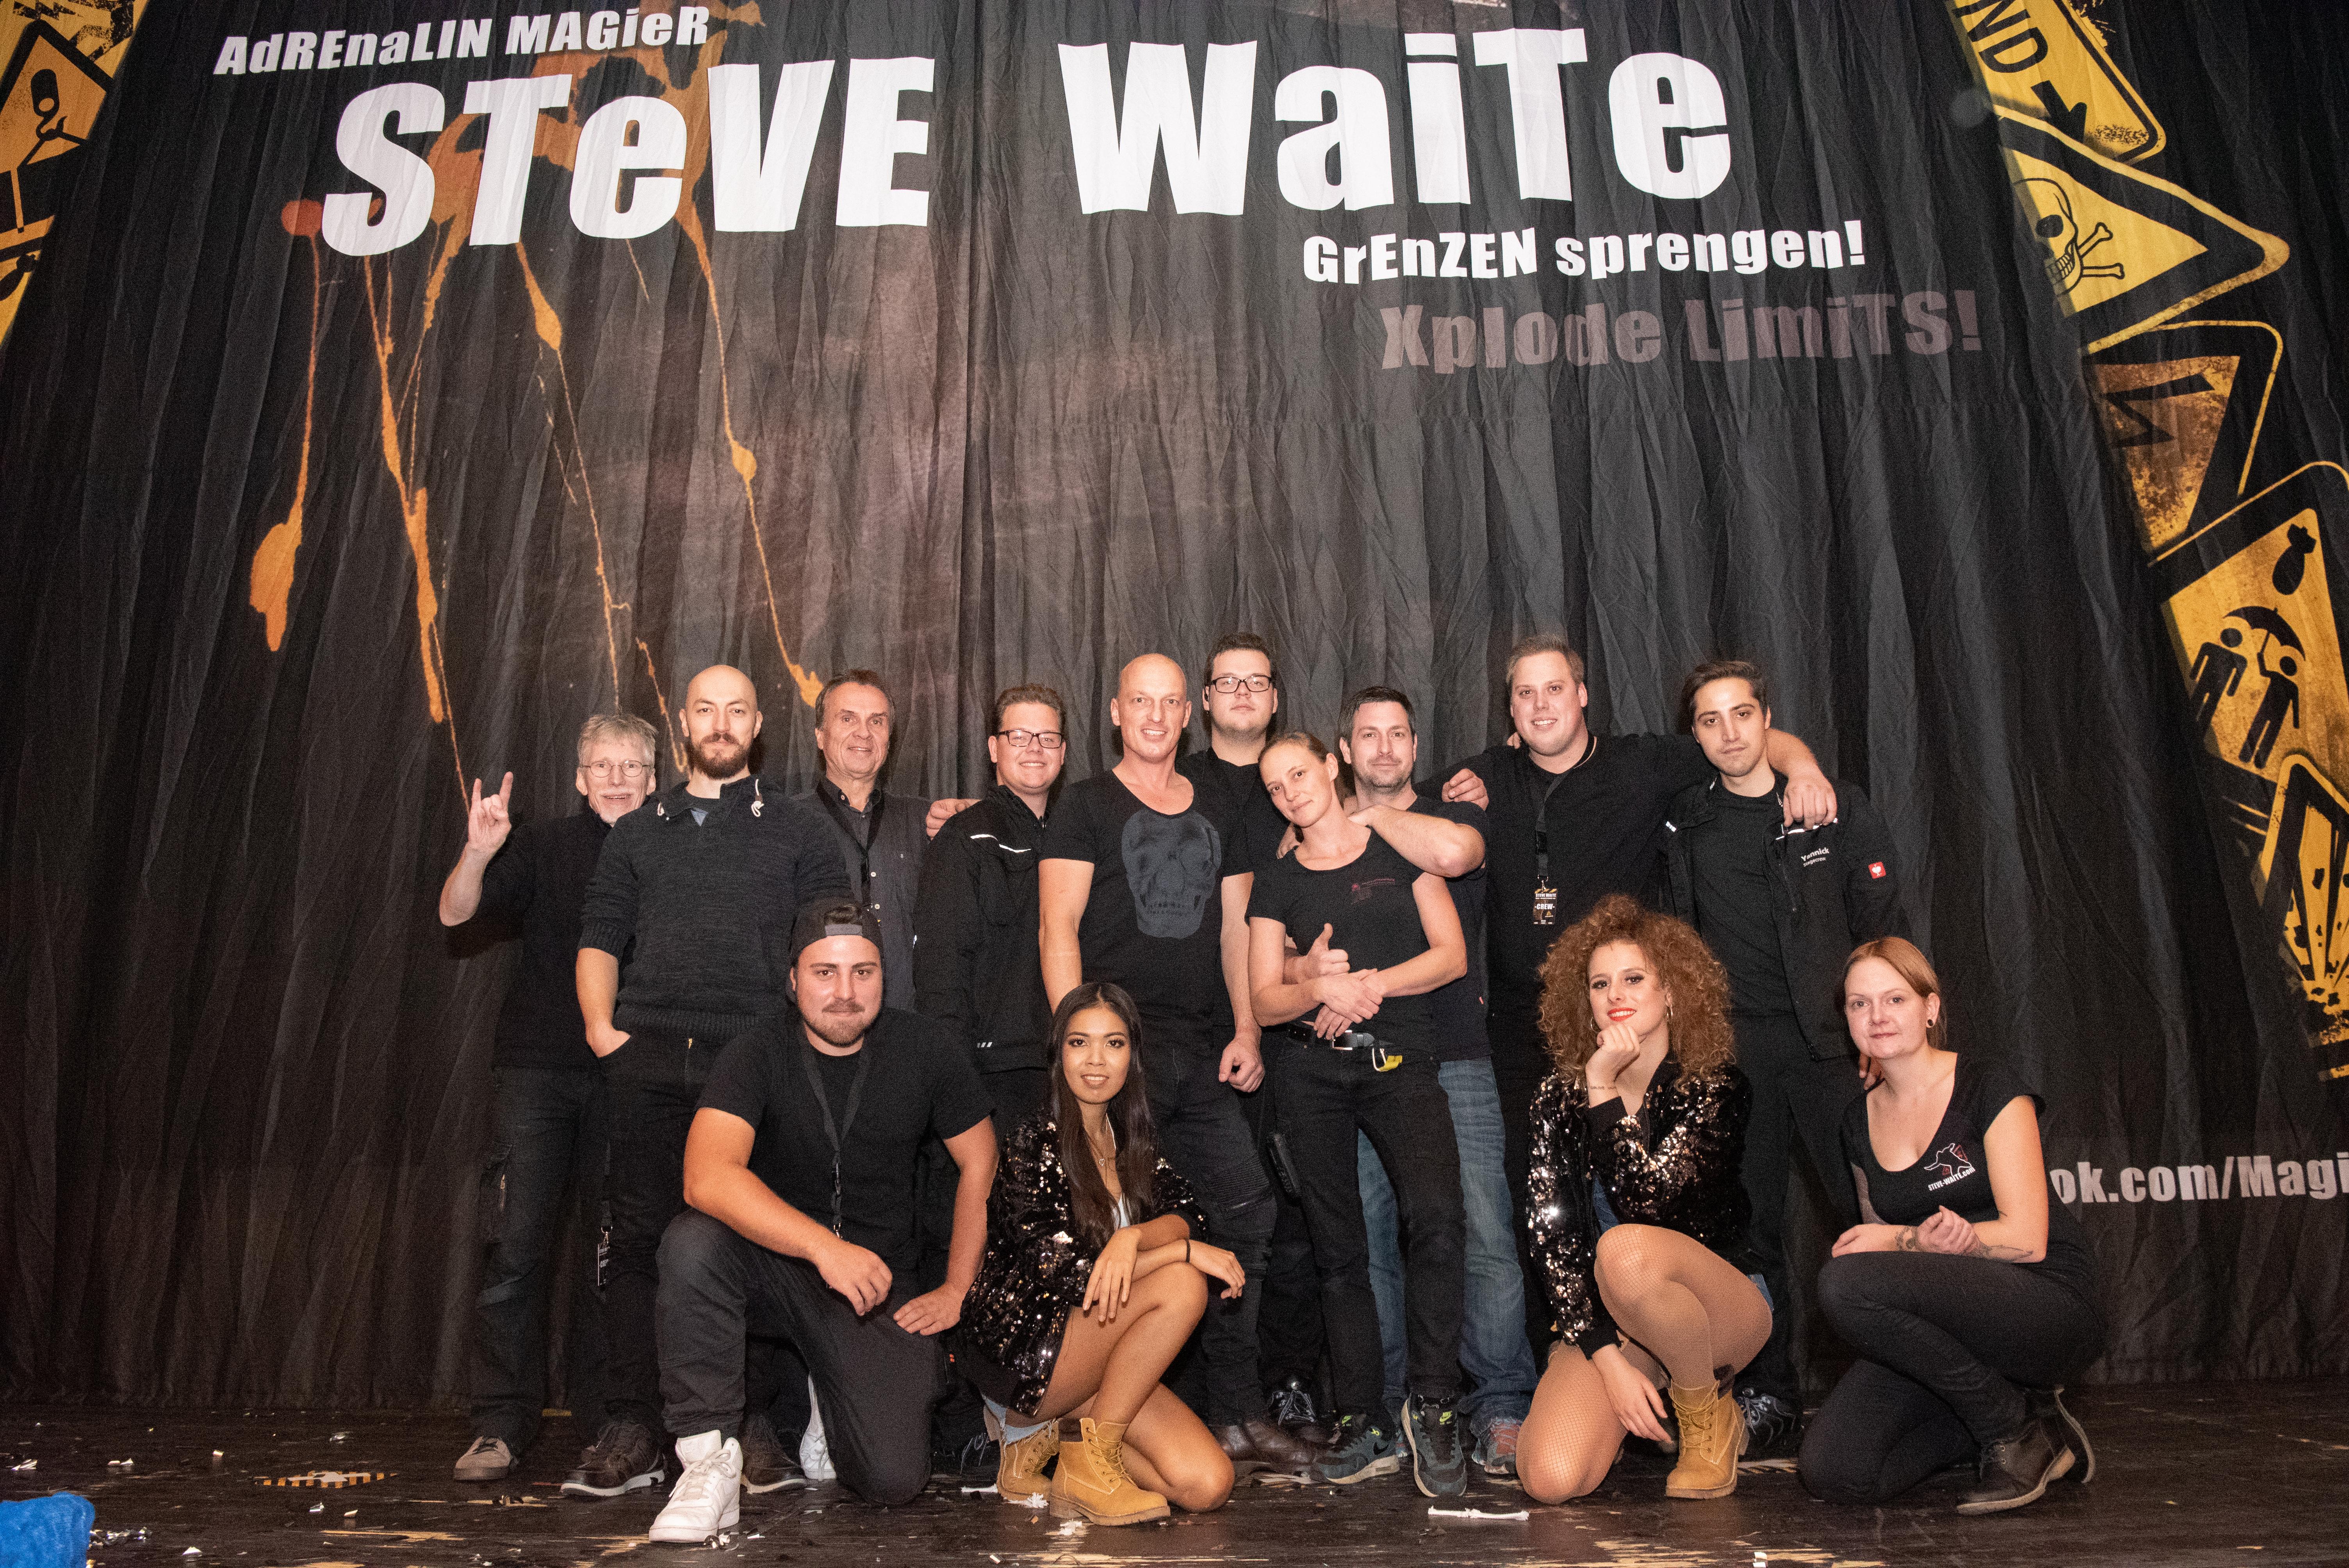 Steve Waite Magier